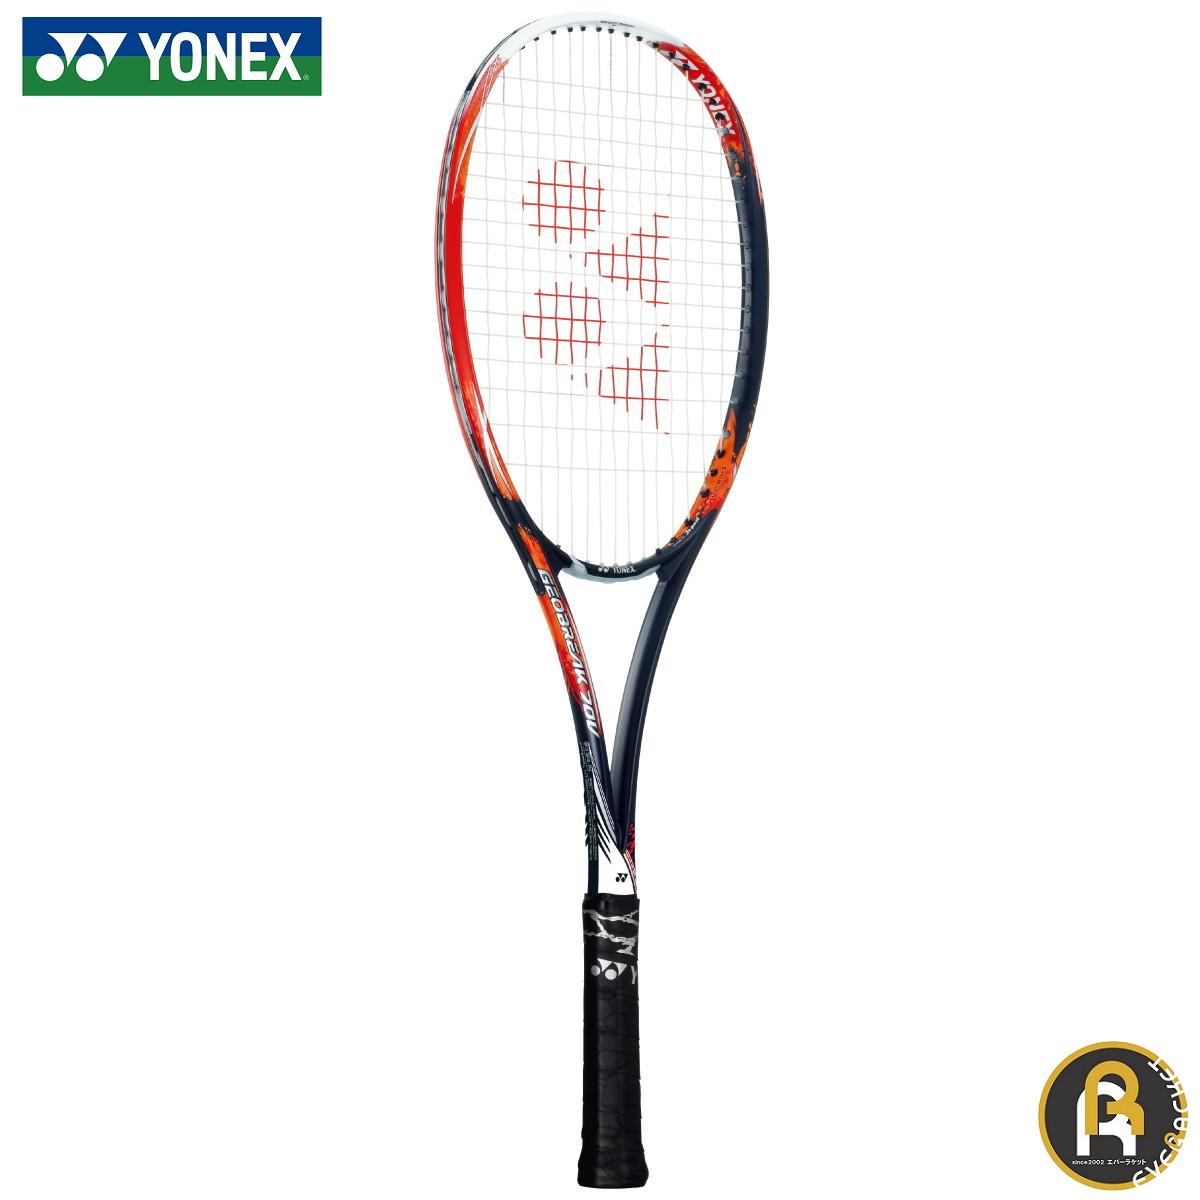 ヨネックス YONEX ソフトテニスラケット ジオブレイク70V GEO70V ソフトテニス